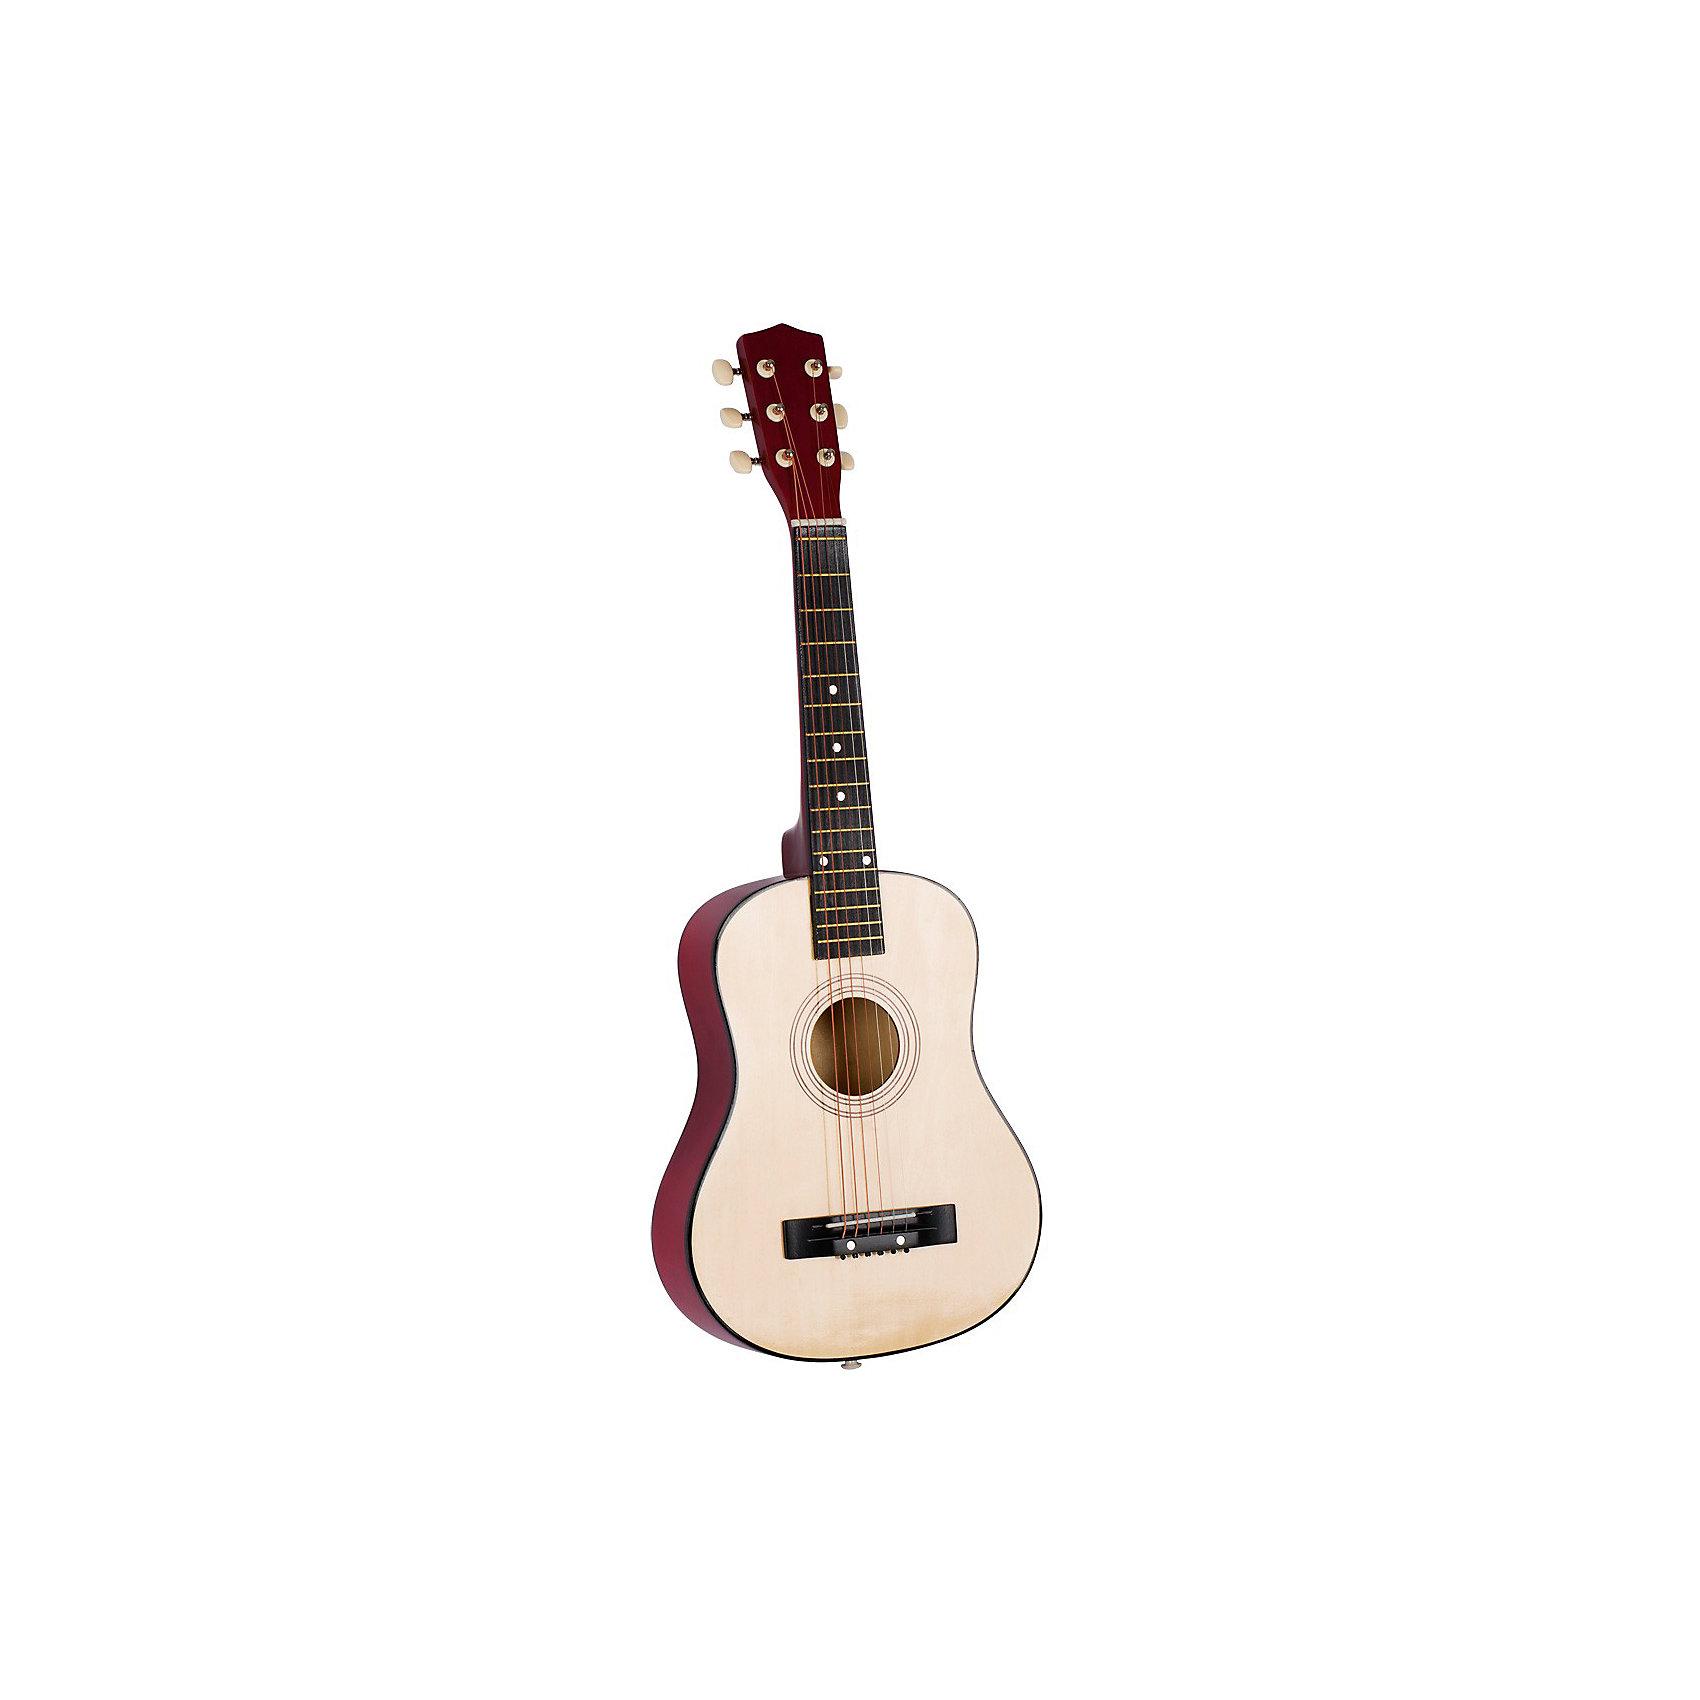 Гитара шестиструнная, 76 см., gokiМузыкальные инструменты и игрушки<br>Гитара шестиструнная, 76 см., goki (Гоки)<br><br>Характеристики:<br><br>• изготовлена из дерева<br>• 6 струн<br>• высота гитары: 76 см<br>• размер: 76х12х50 см<br><br>Если ваш ребенок интересуется музыкой - предложите ему гитару от goki. Она отлично подходит для детских рук, имеет 6 синтетических струн и изготовлена из дерева, что делает ее полностью безопасной для ребенка. Игра на гитаре поможет развить музыкальный вкус и даже открыть музыкальные способности!<br><br>Гитару шестиструнную, 76 см., goki (Гоки) вы можете купить в нашем интернет-магазине.<br><br>Ширина мм: 760<br>Глубина мм: 120<br>Высота мм: 500<br>Вес г: 1265<br>Возраст от месяцев: 72<br>Возраст до месяцев: 144<br>Пол: Унисекс<br>Возраст: Детский<br>SKU: 4328617